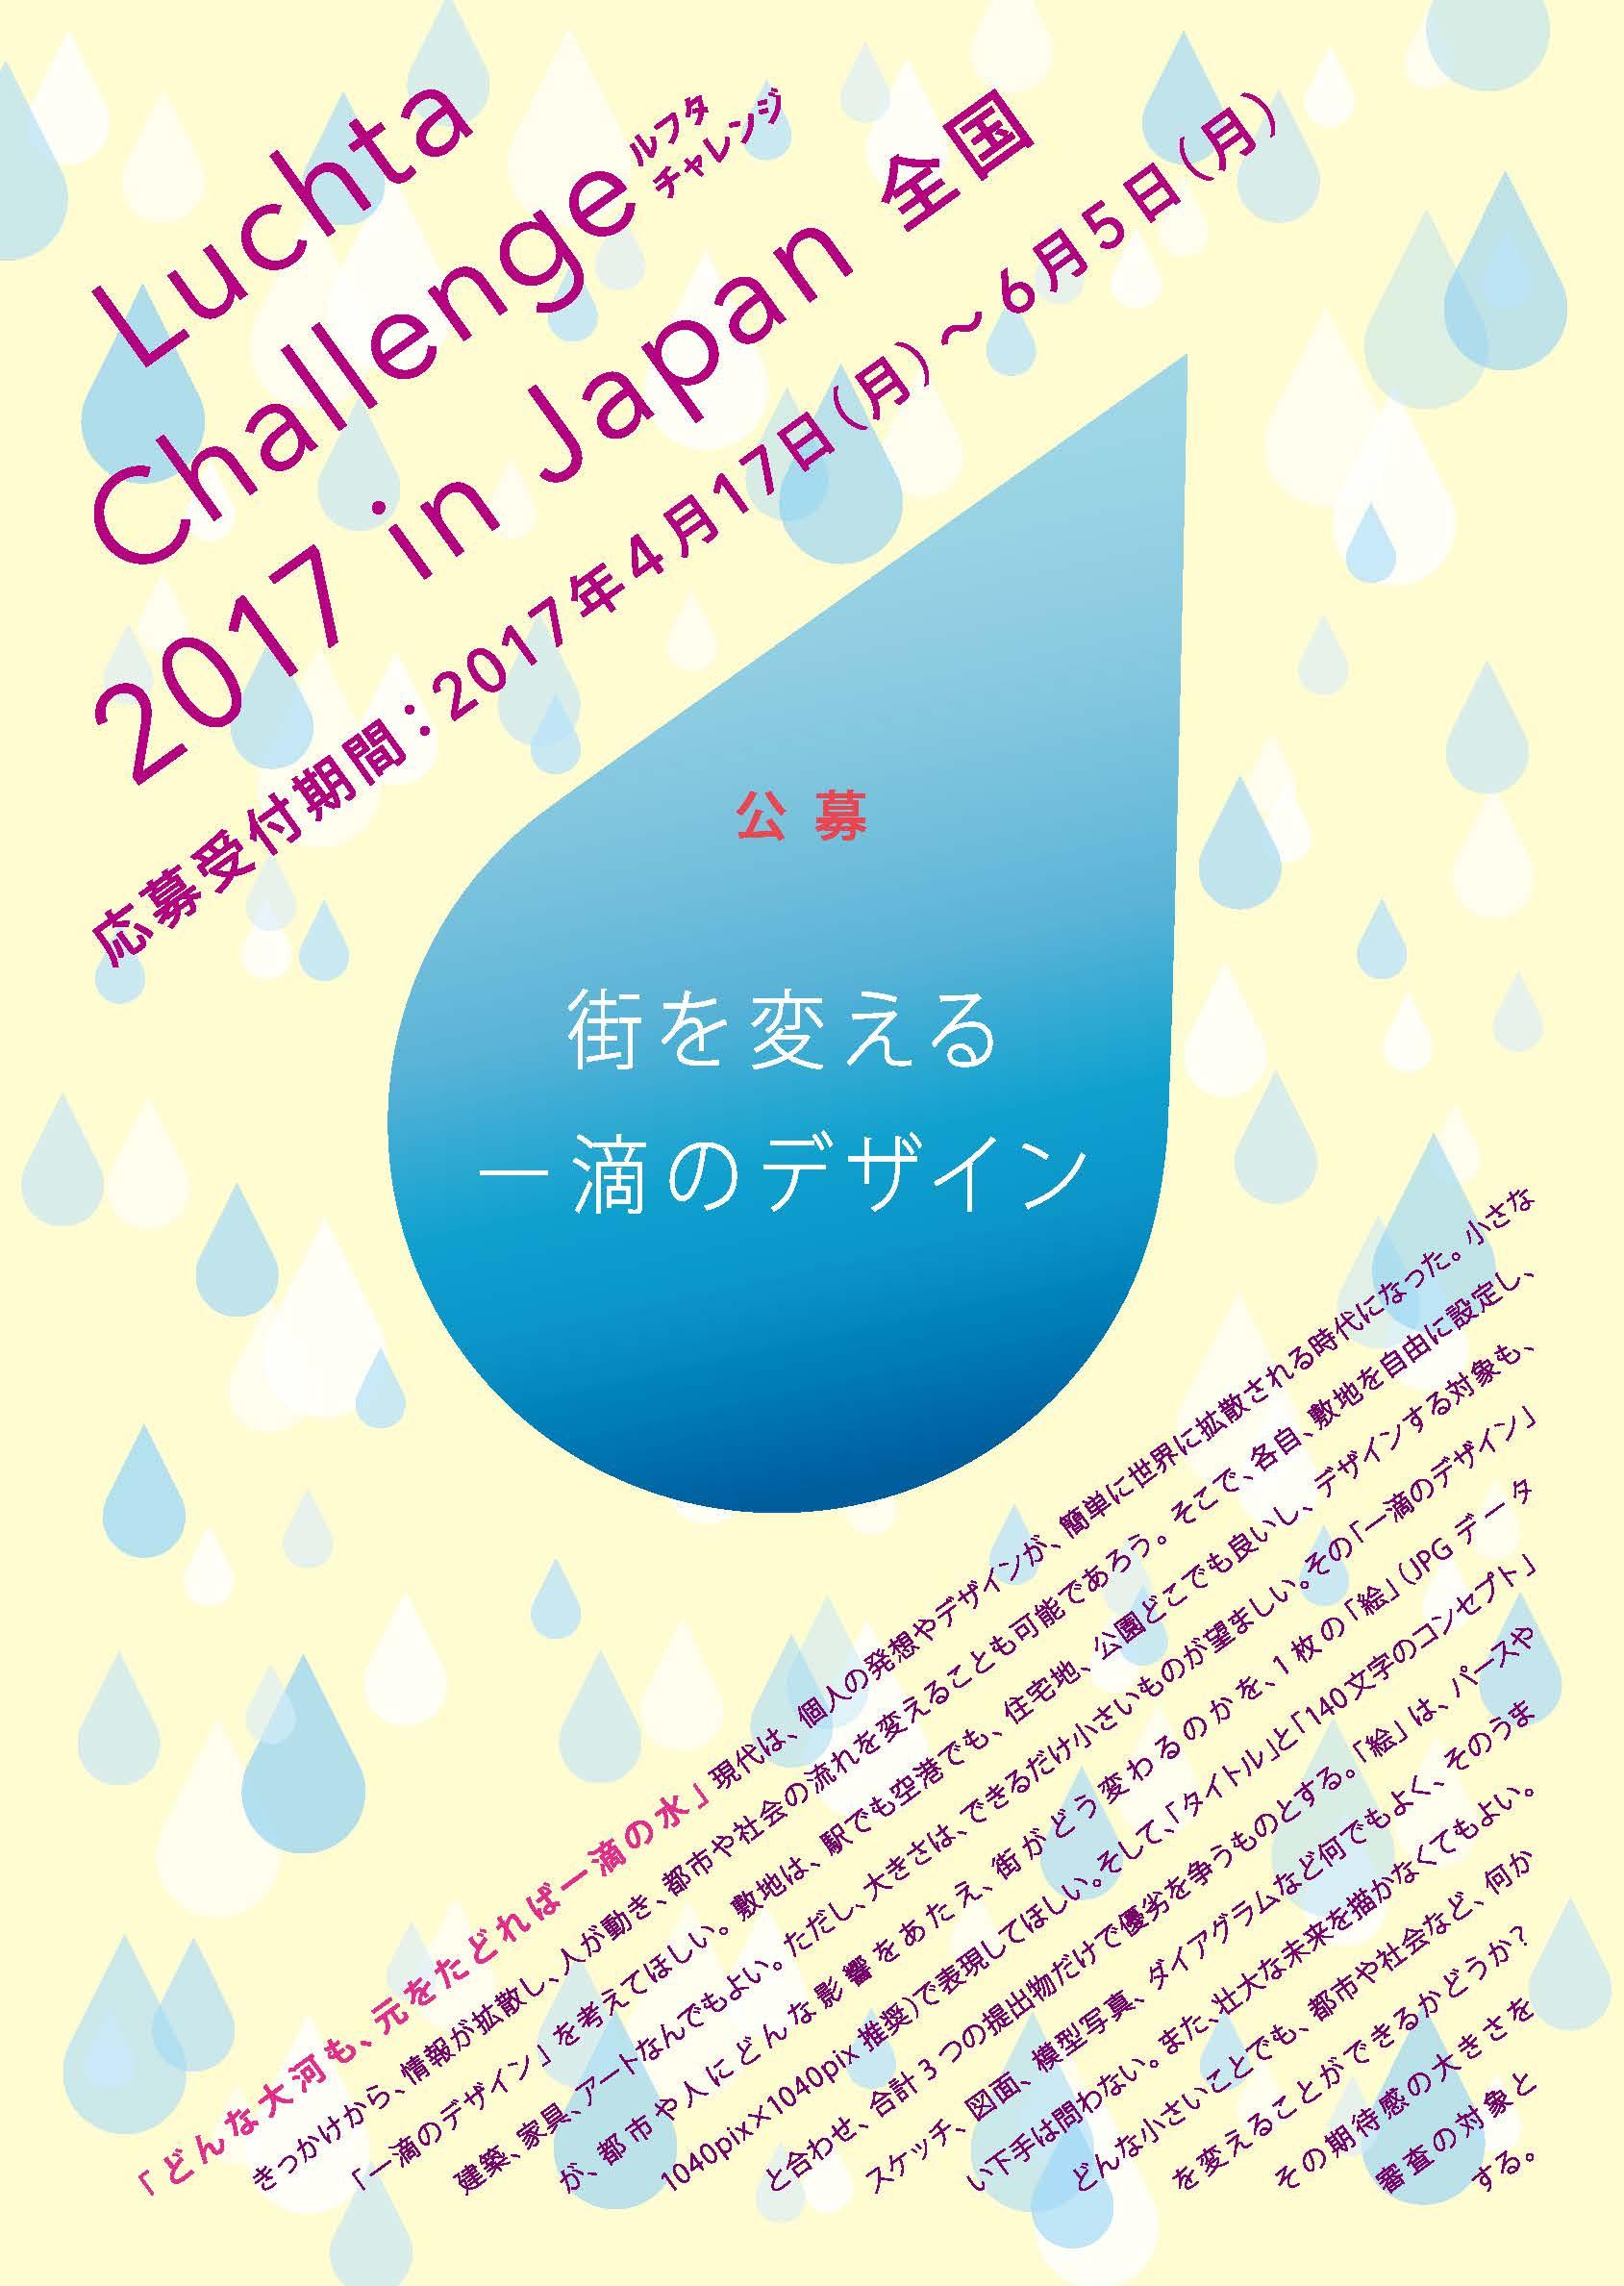 Luchta Challenge 2017